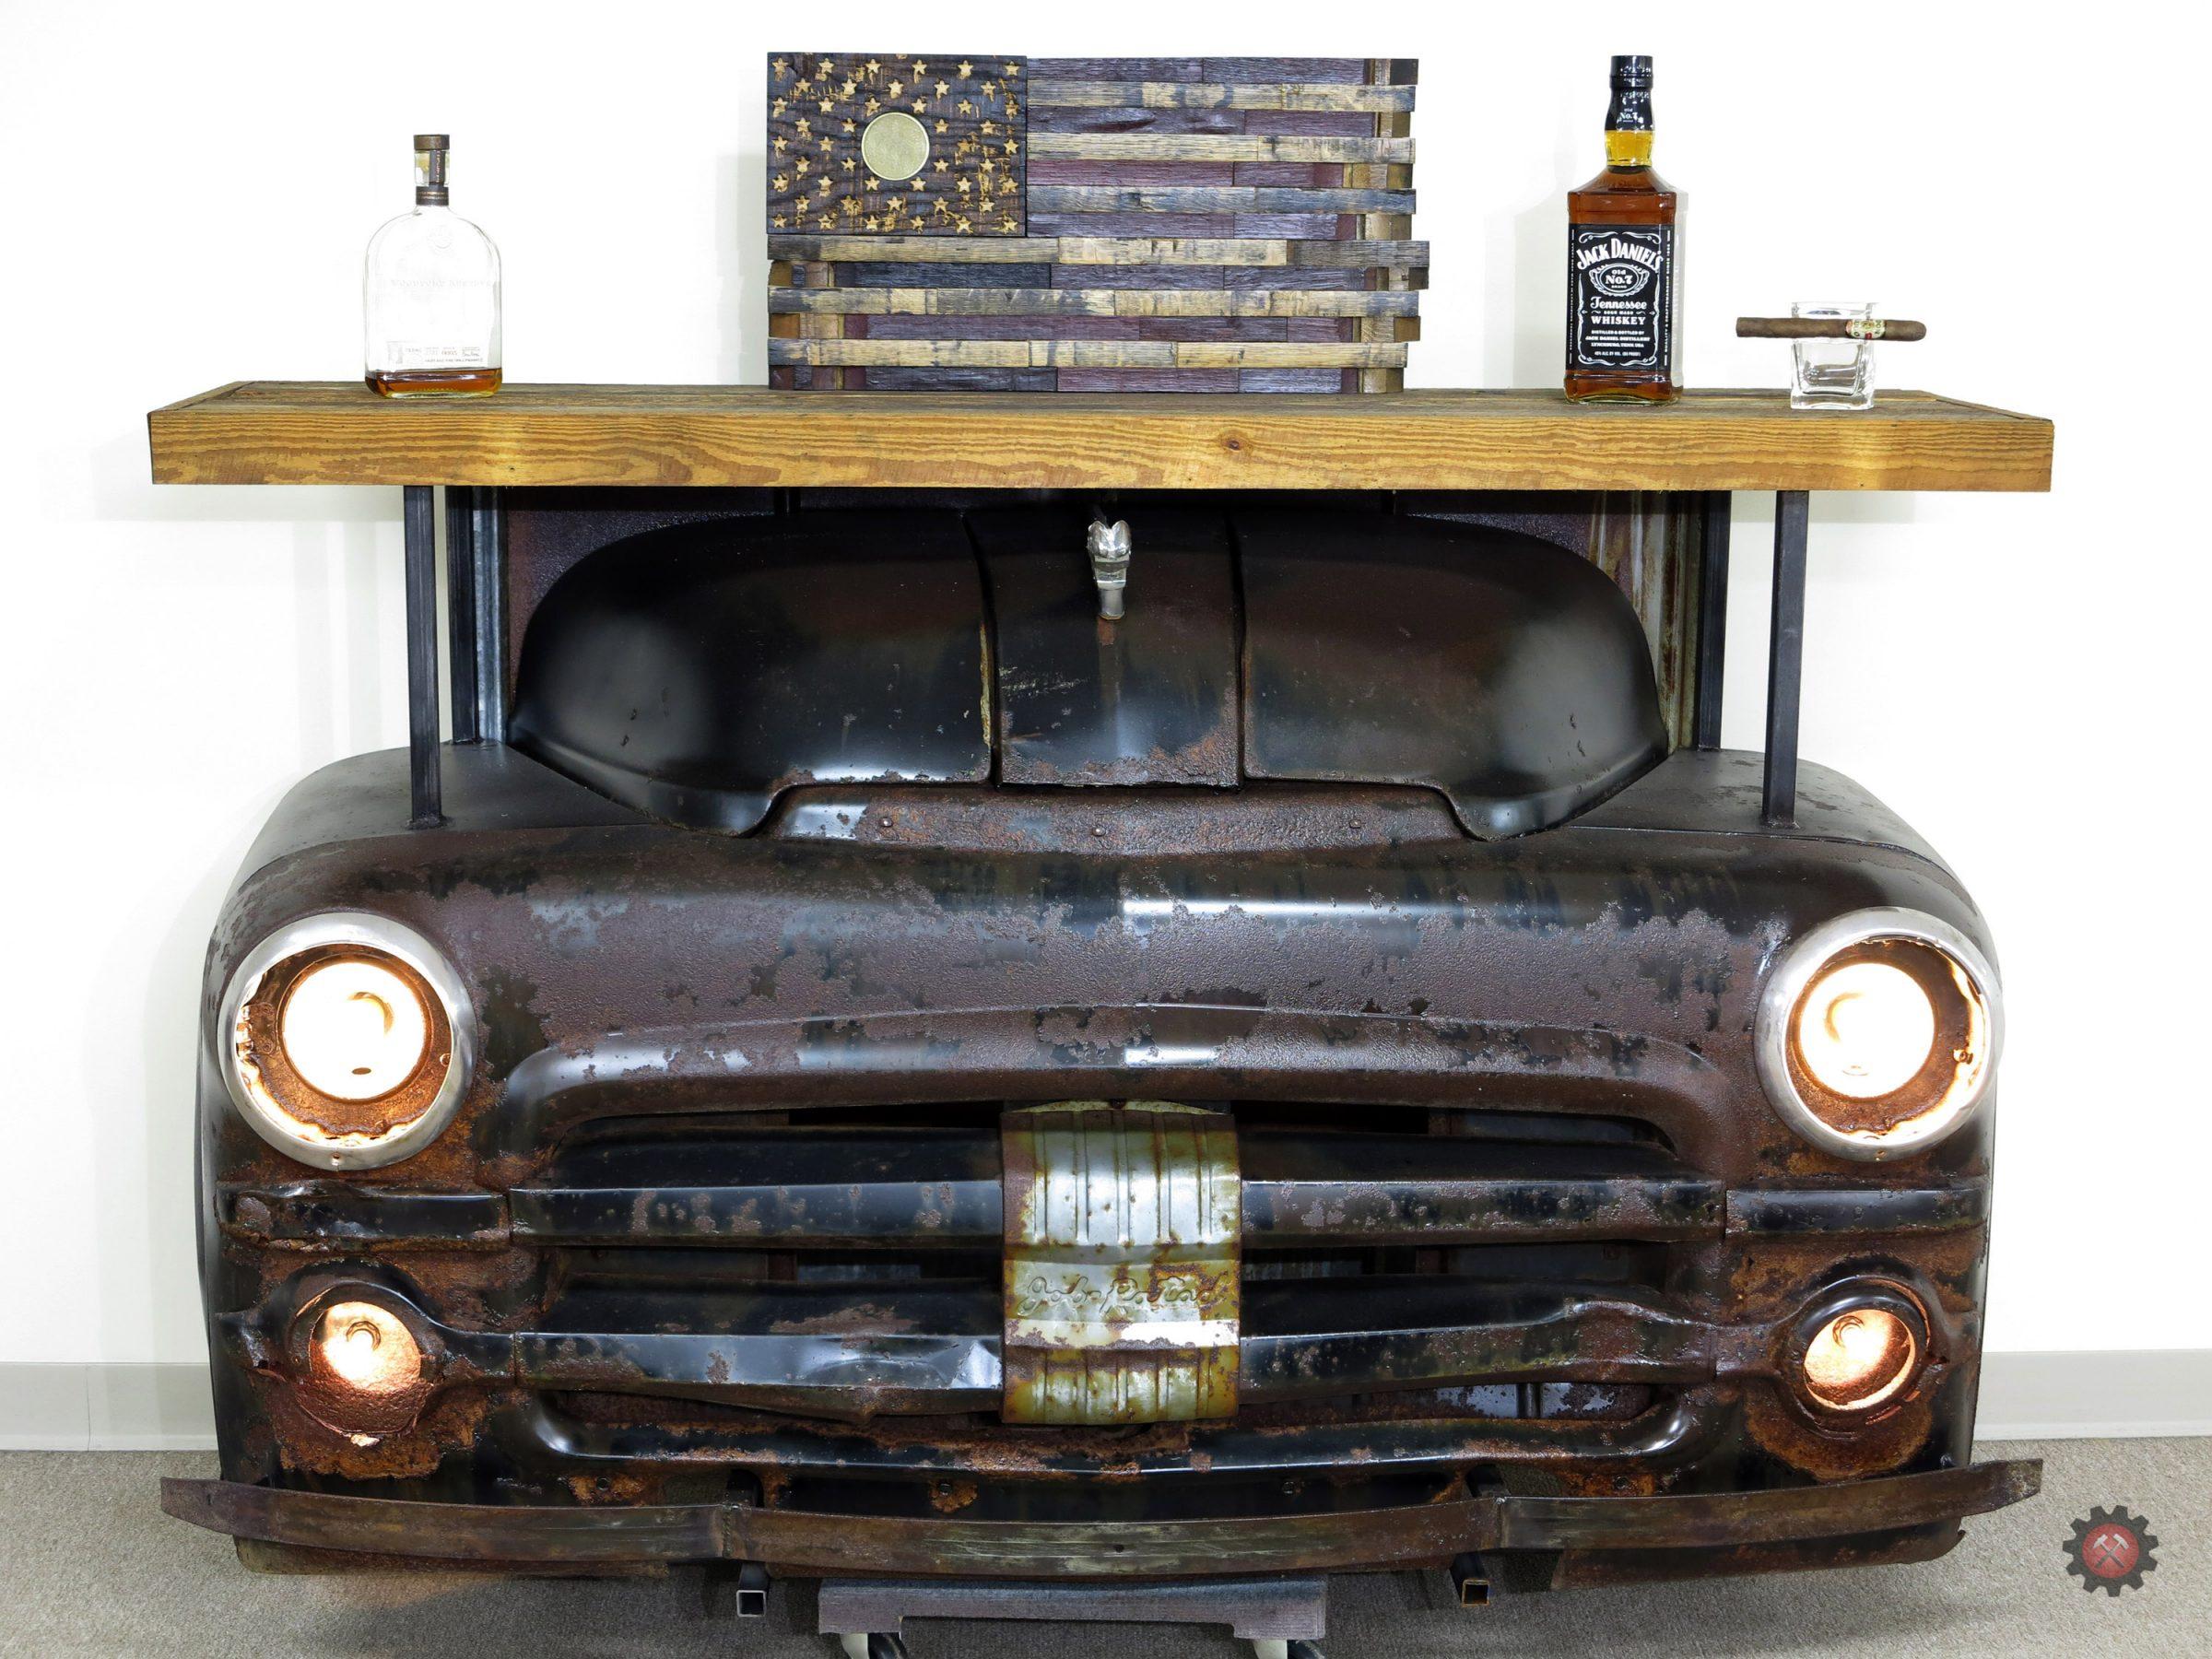 54 Dodge Truck Bar